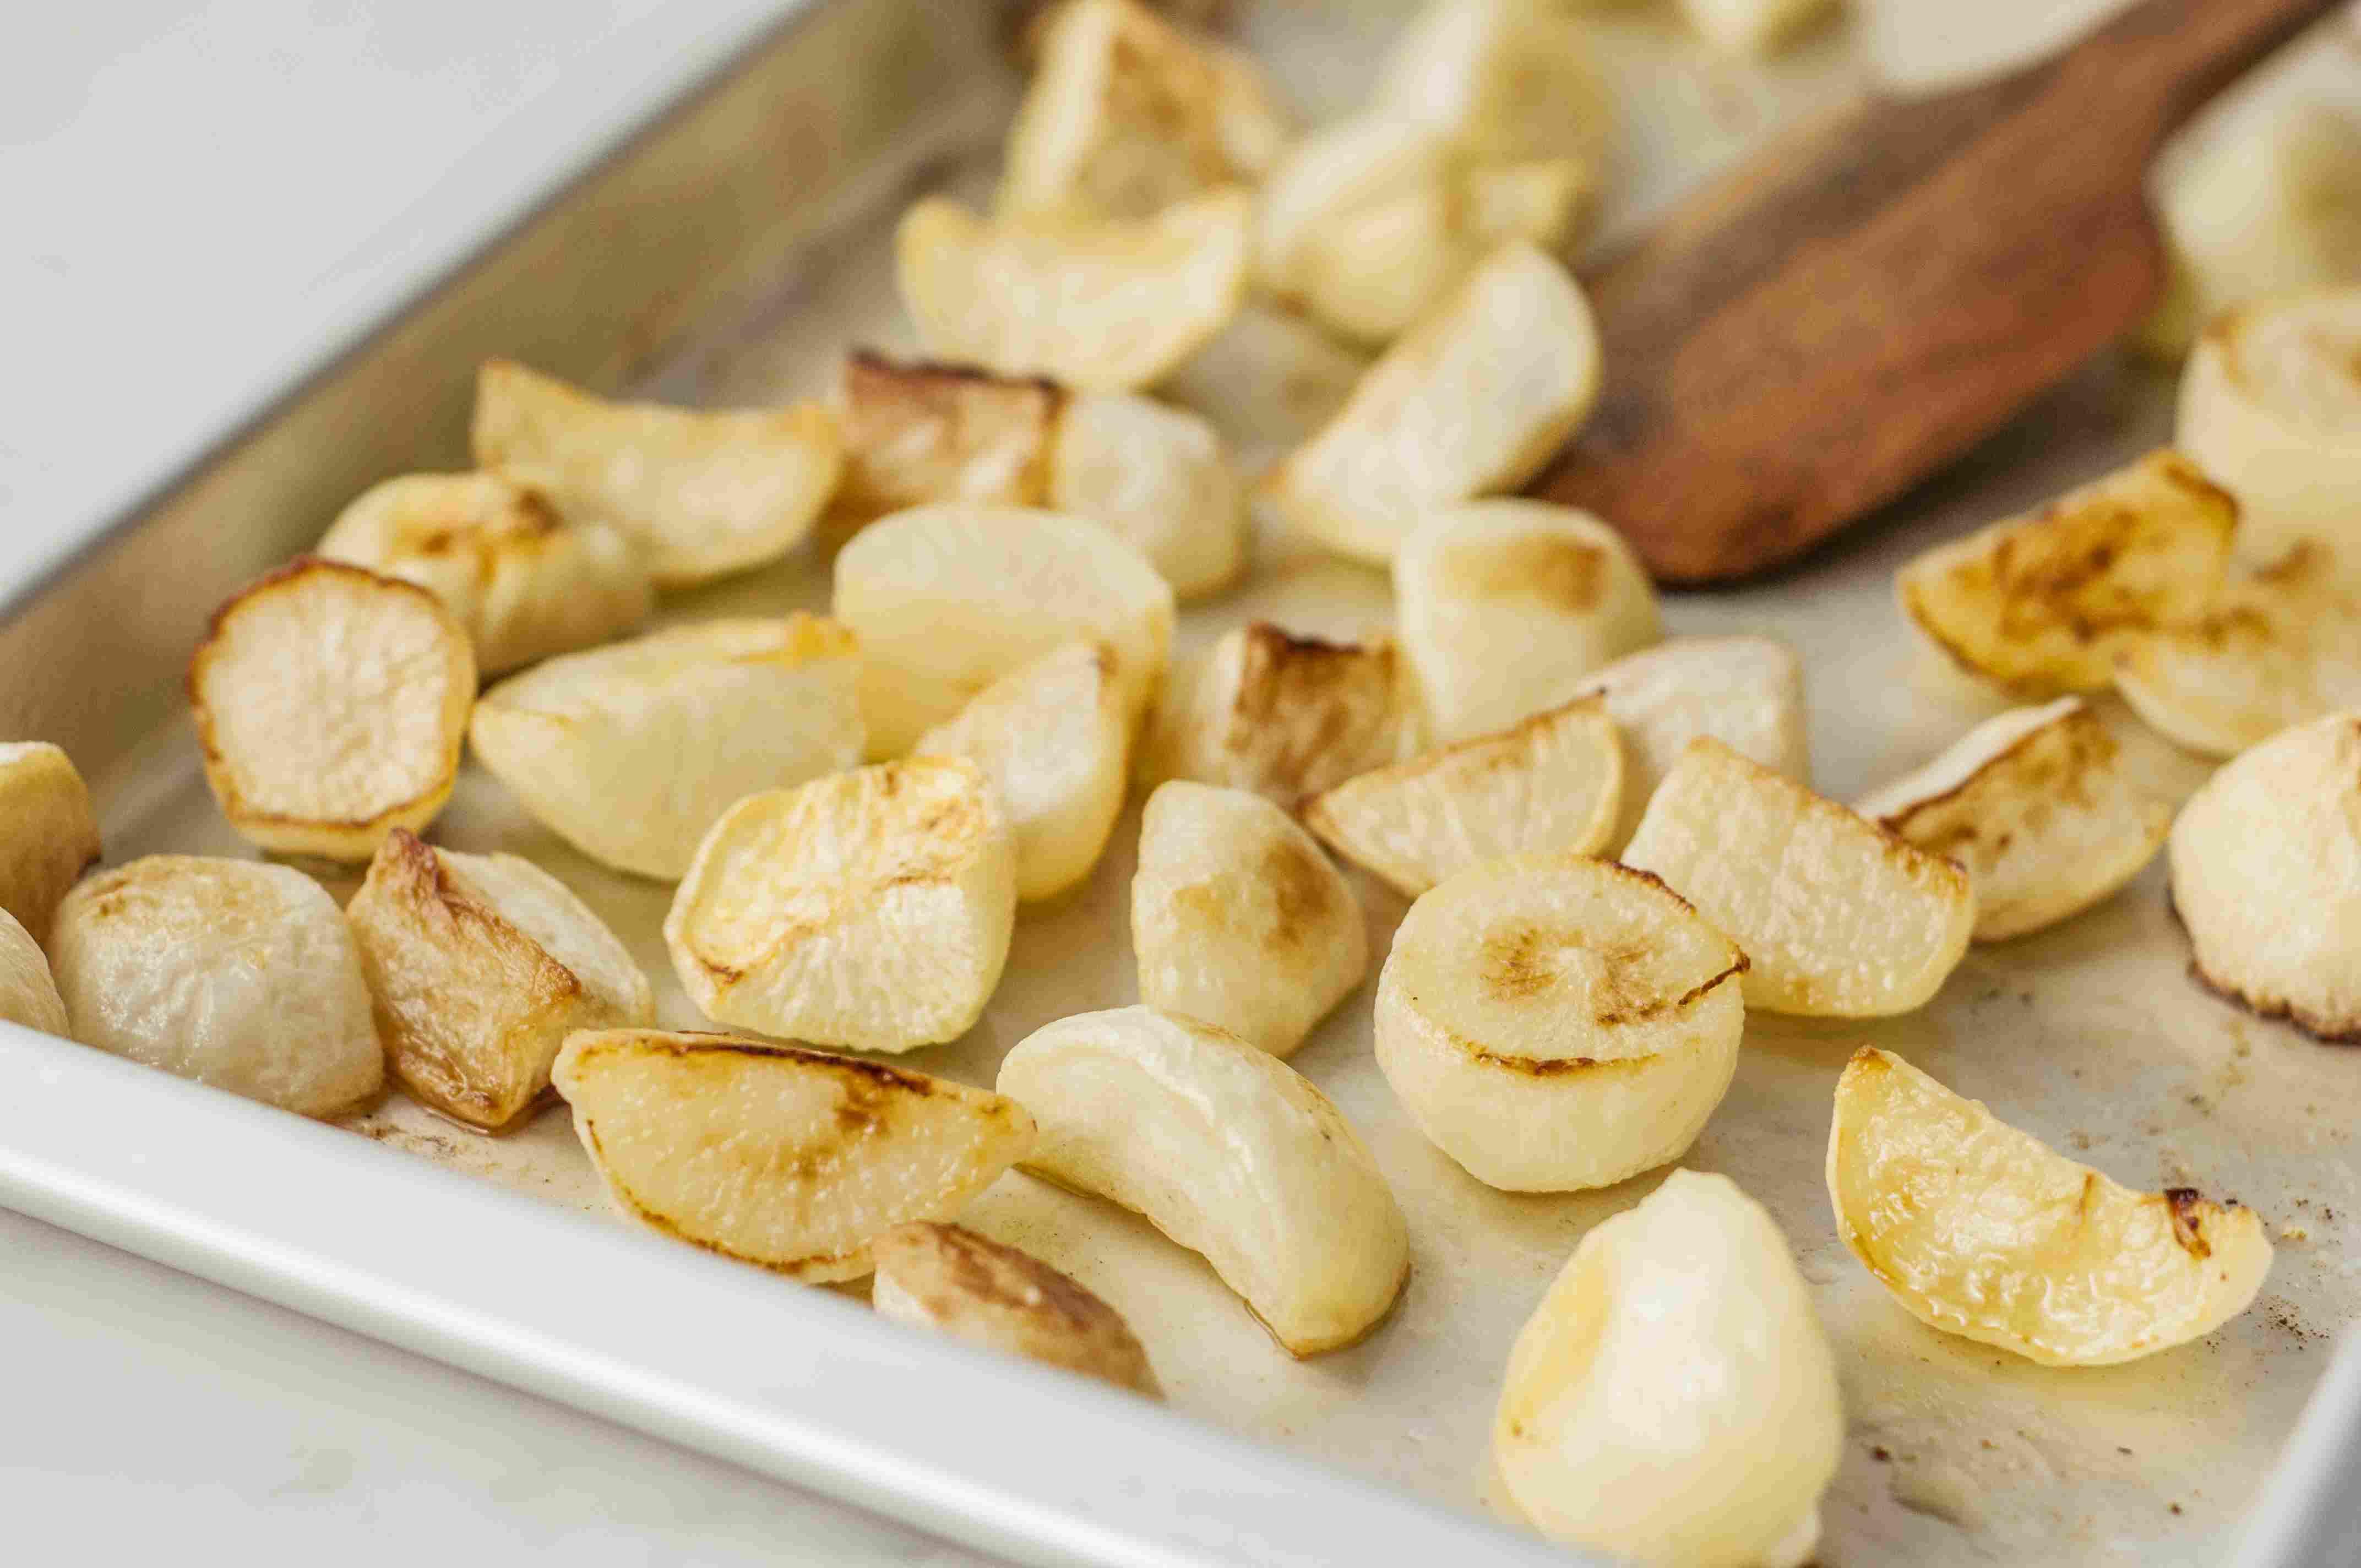 Roasted turnips on a baking sheet